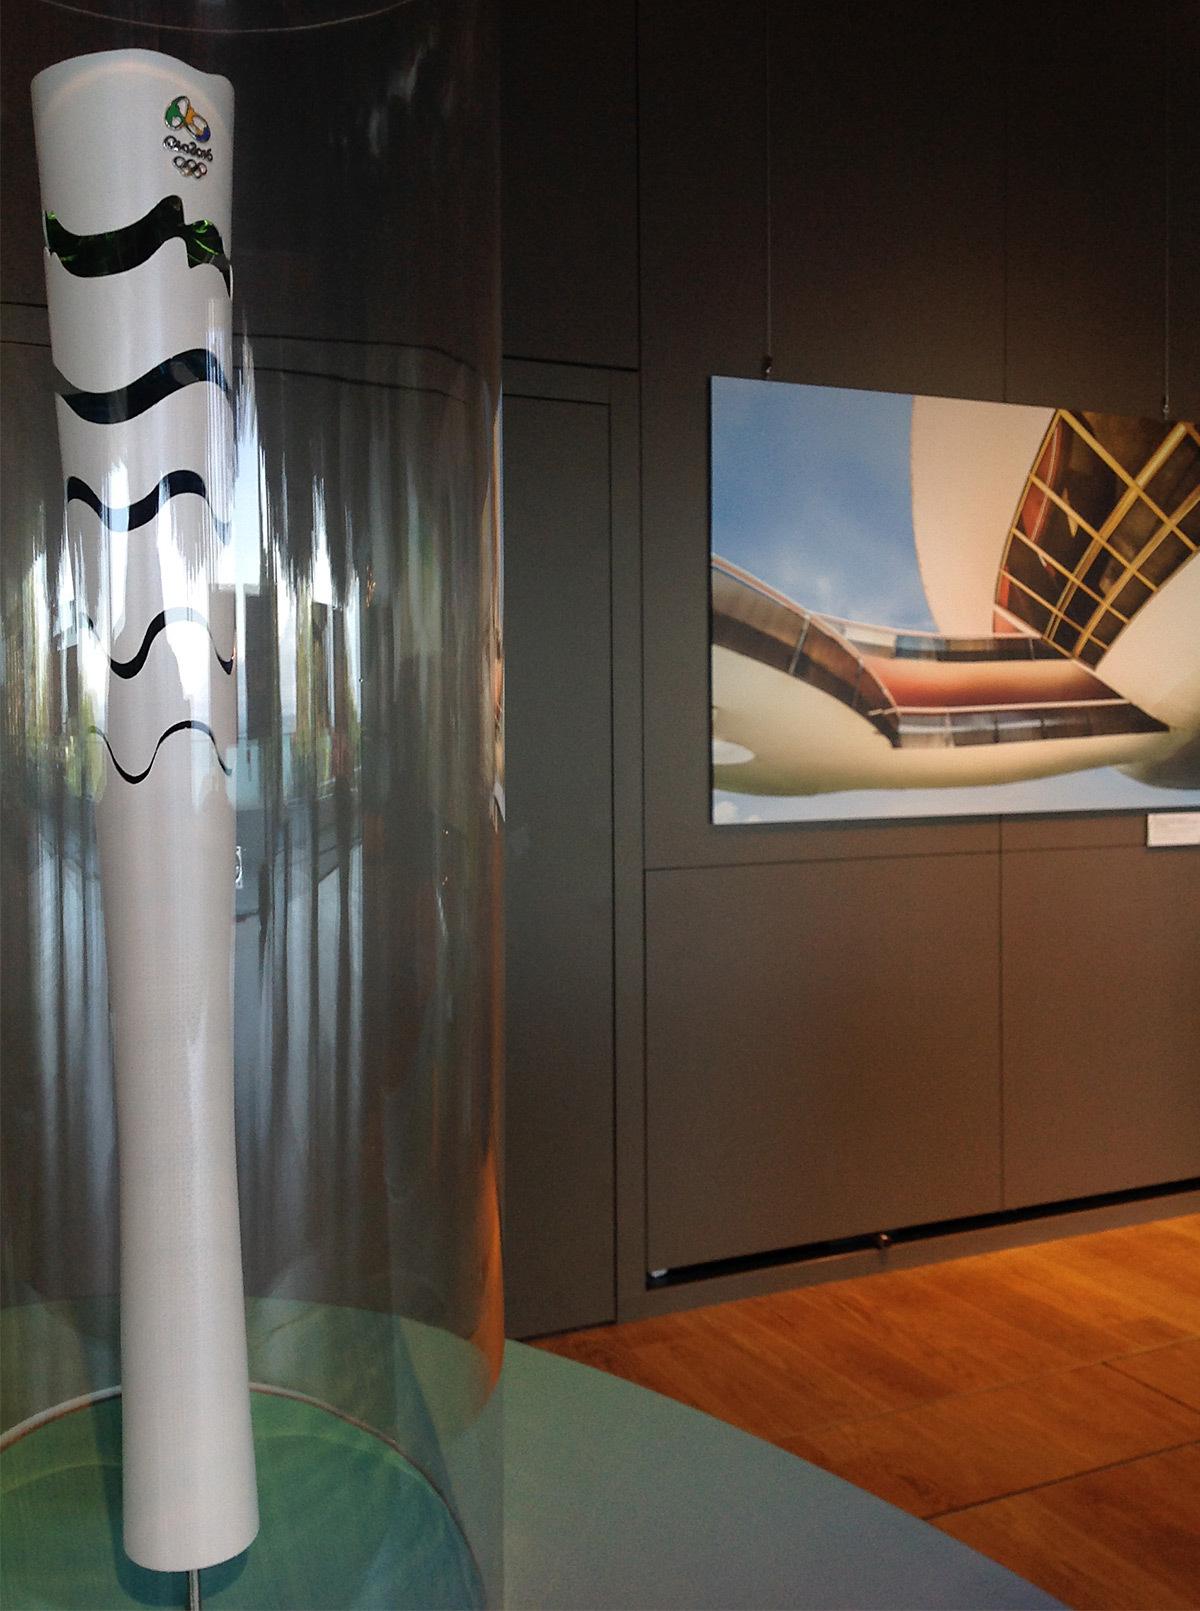 Cap sur Rio 2016, la torche olympique 2016 et photo du Musee art contemporain de Niteroi, architecte Oscar Niemeyer © CIO - Vincent Laganier